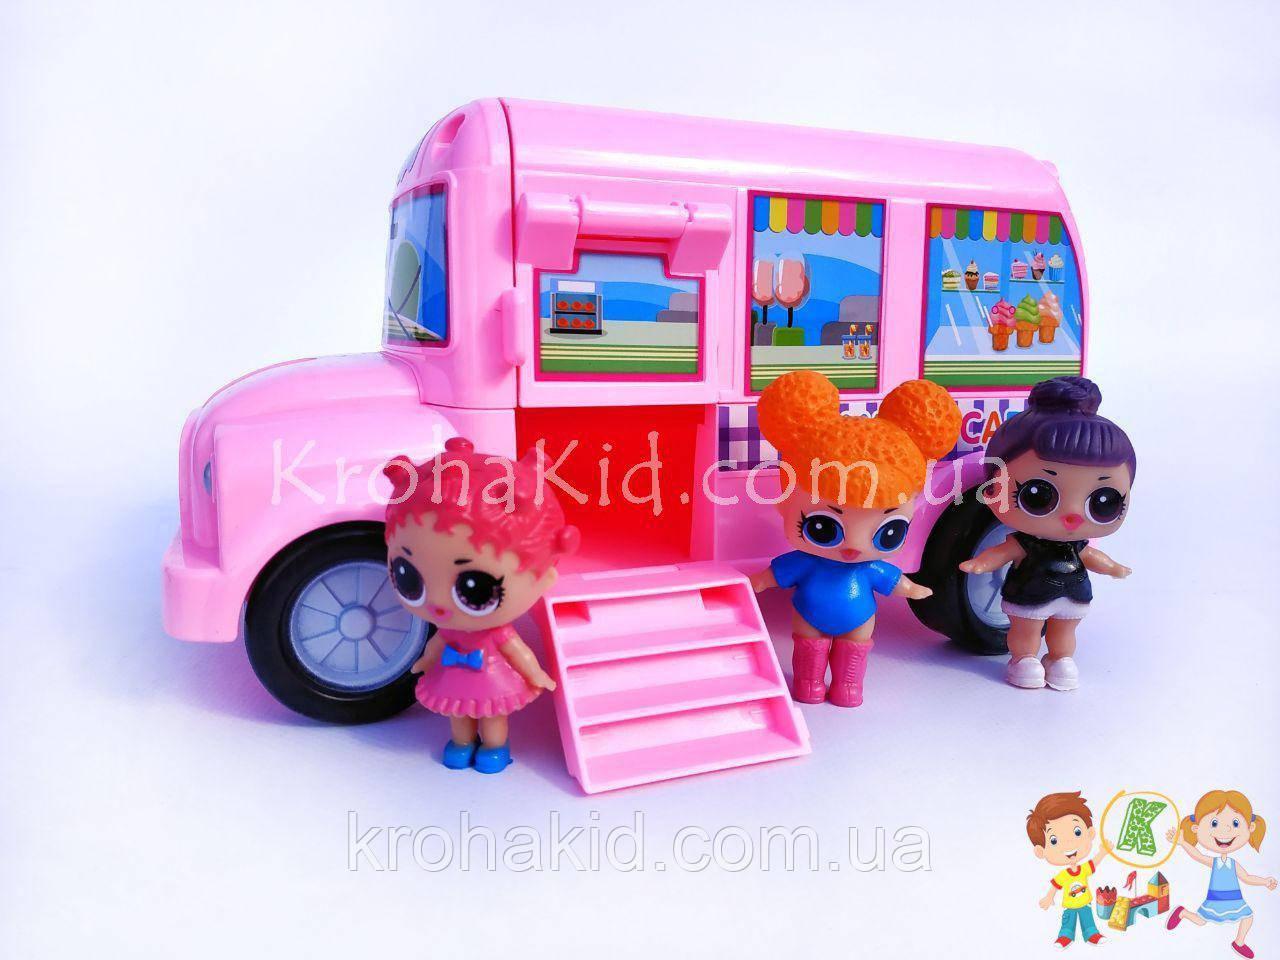 Ігровий набір Лол автобус LOL-01 / Lol camper car / аналог